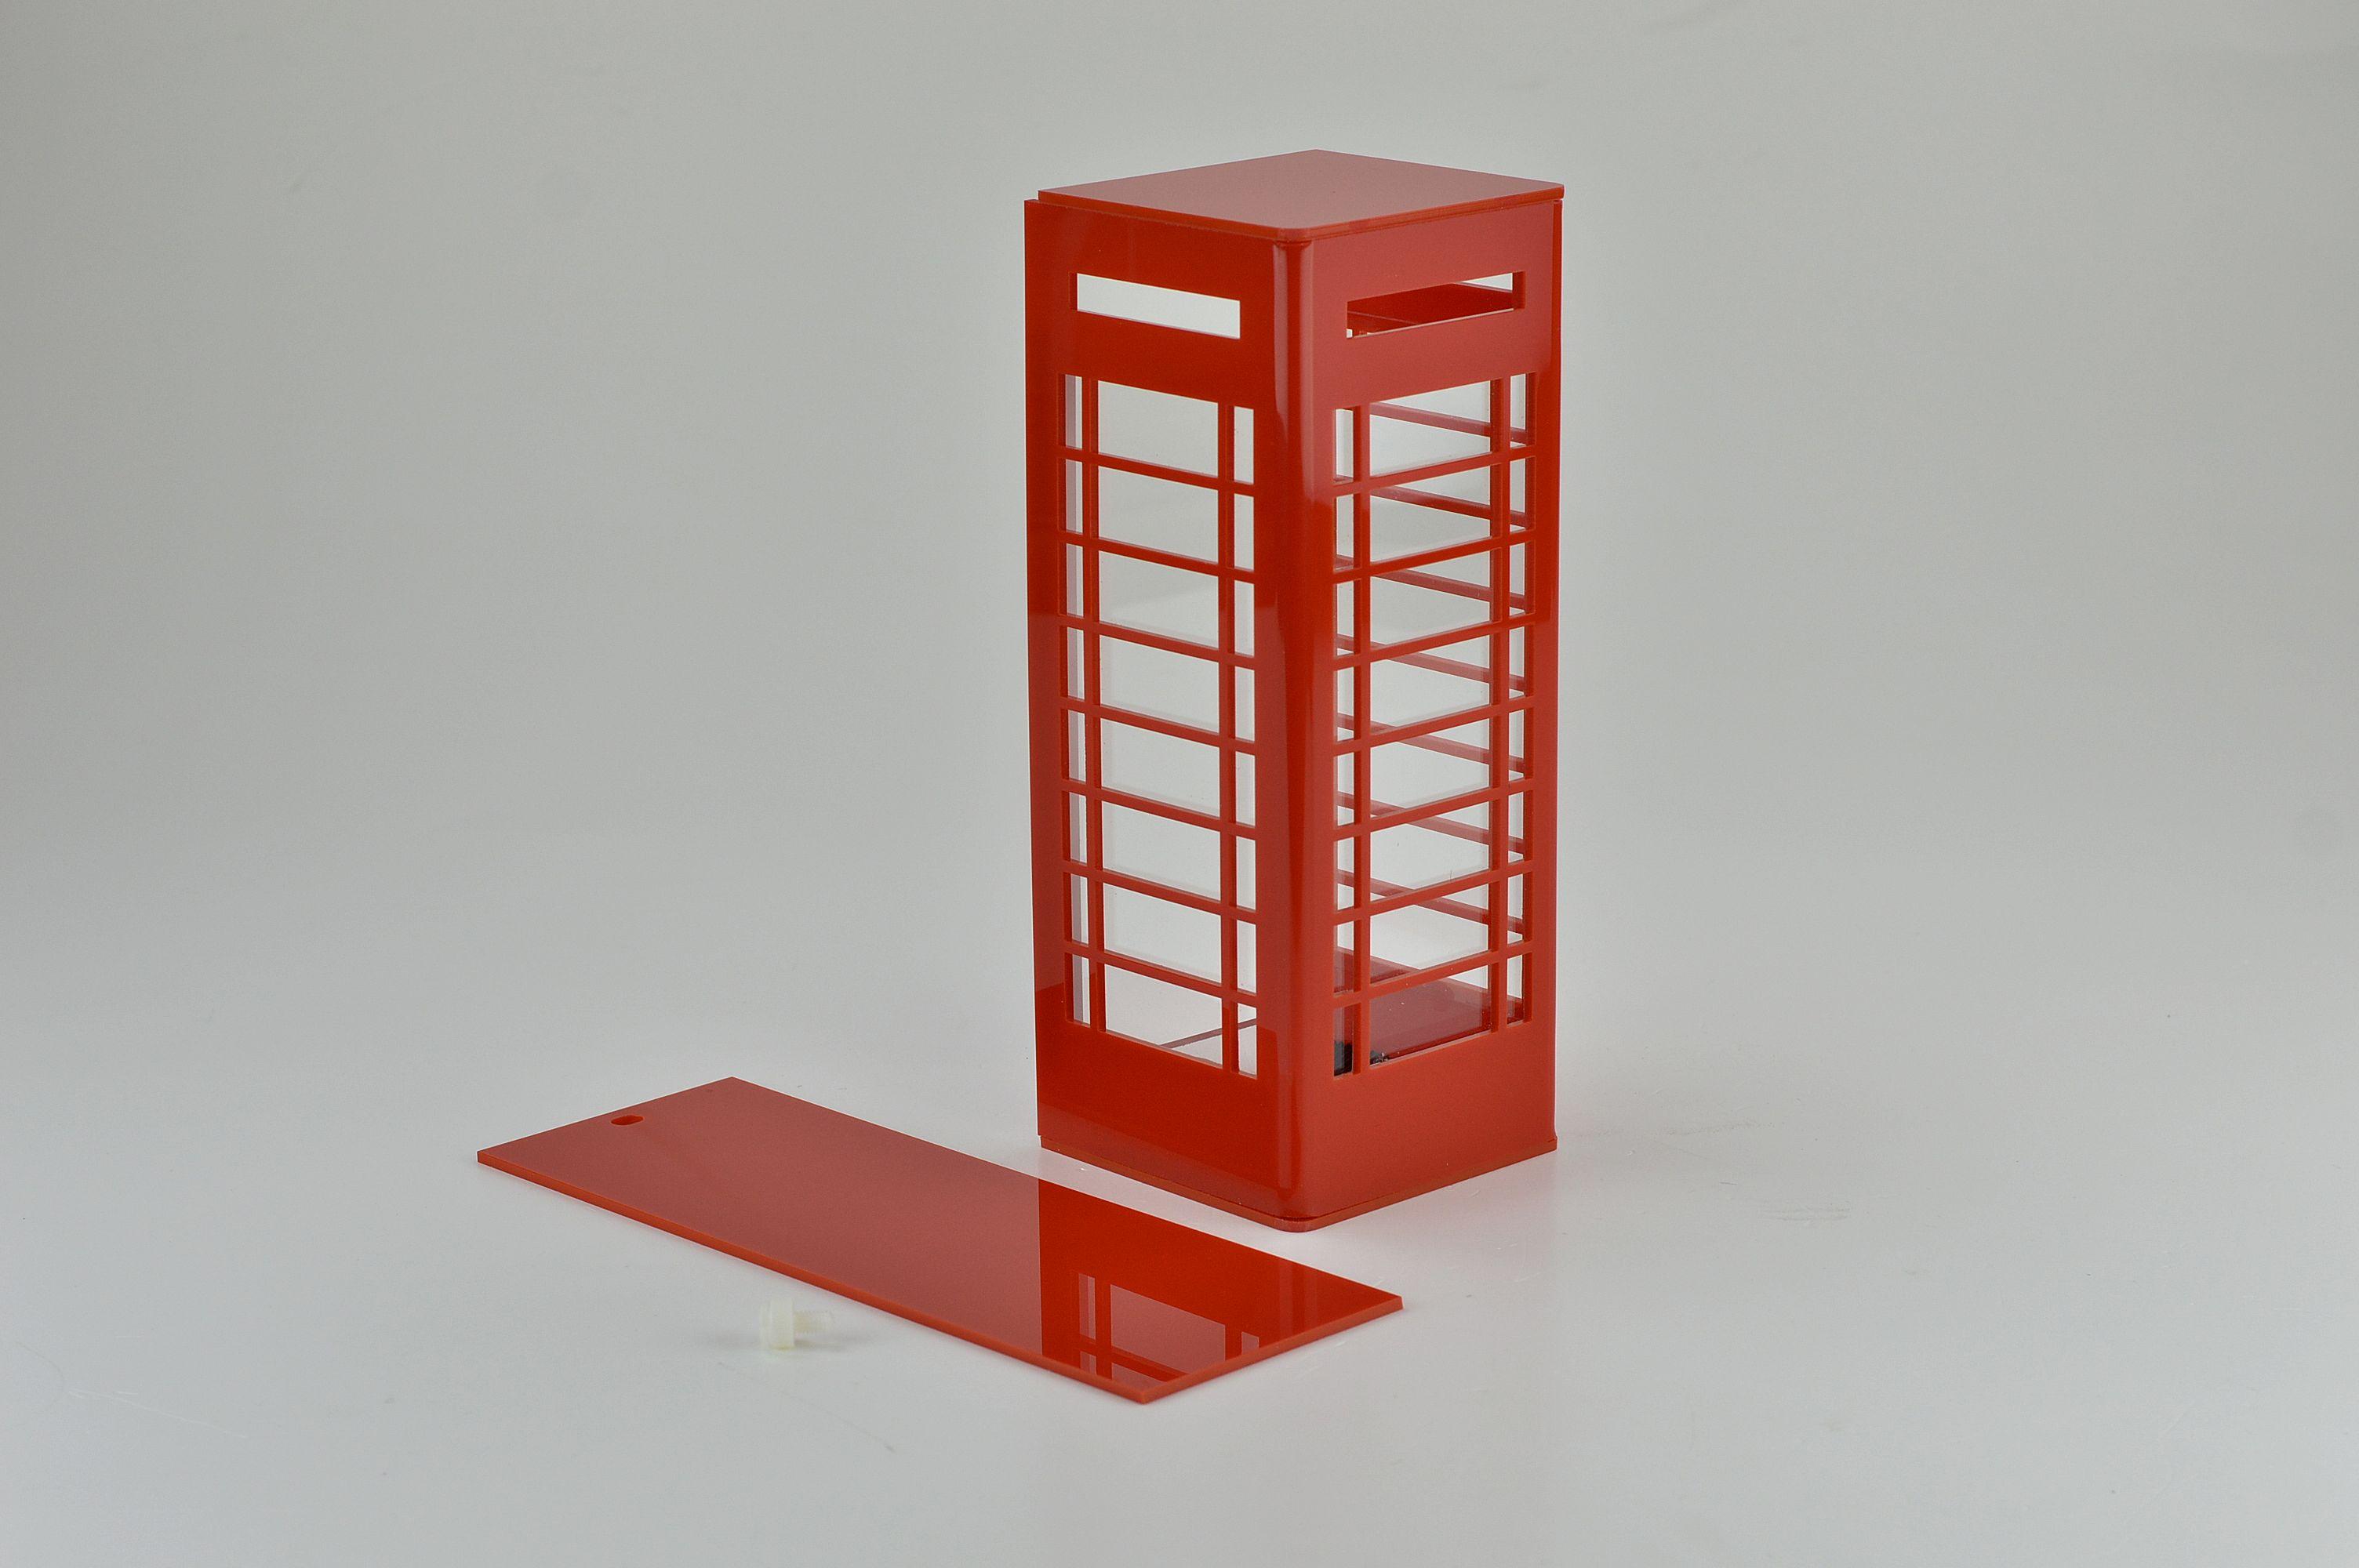 Lagerware Fenster BxH: 70X45 cm 2-Fach Verglasung DIN Rechts Kellerfenster Wunschma/ße ohne Aufpreis wei/ß Kunststoff